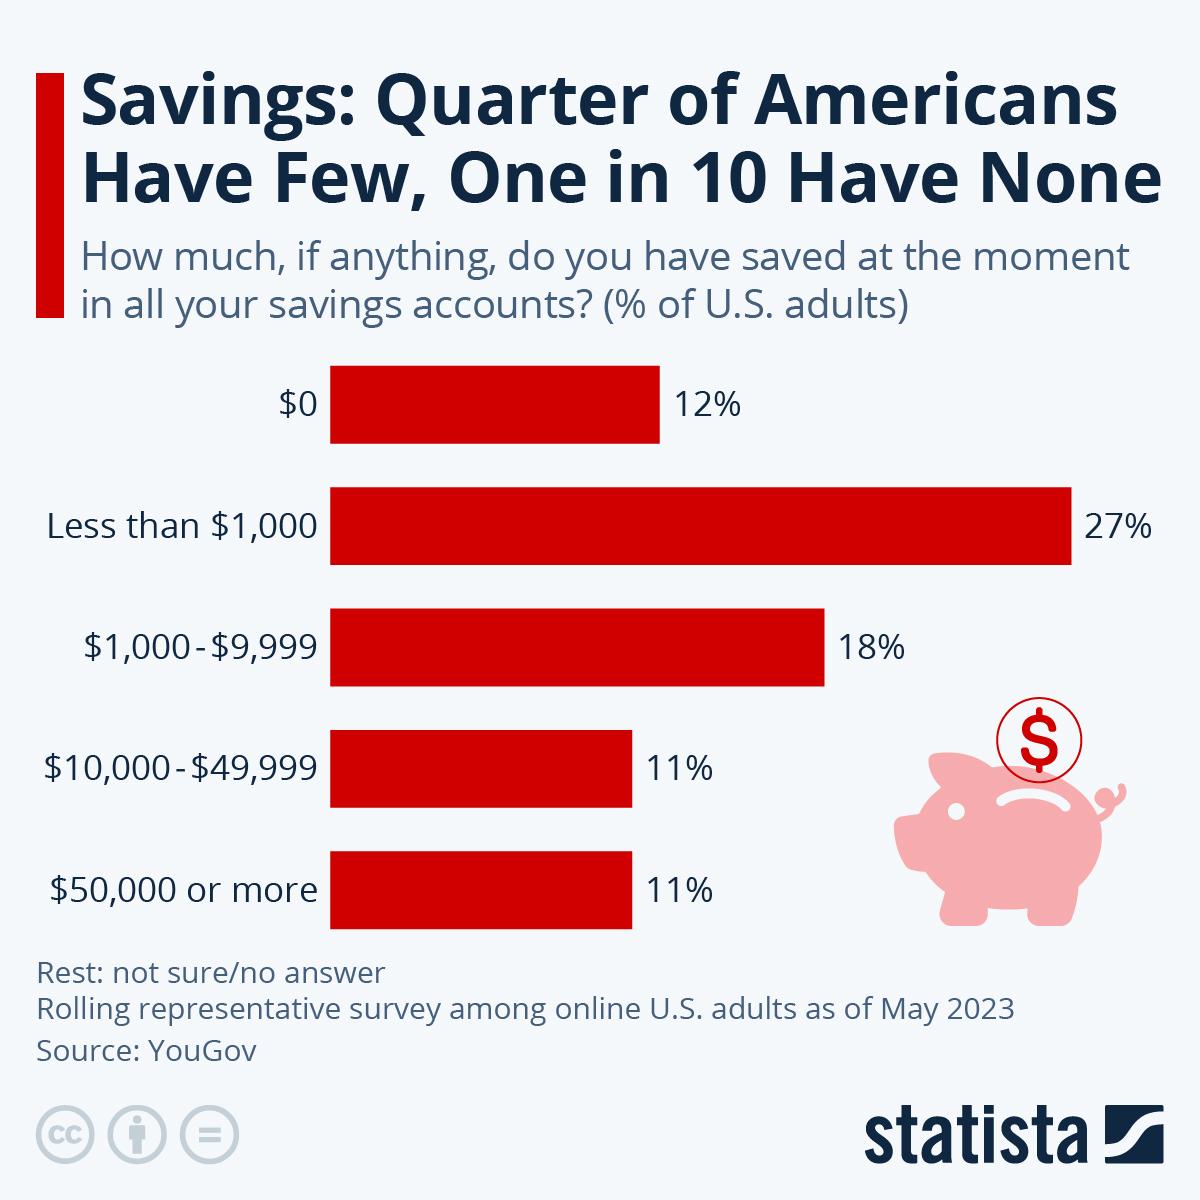 Сбережения 24% жителей США находятся ниже $1000, а 45%  граждан не имеют собственных сбережений вообще.